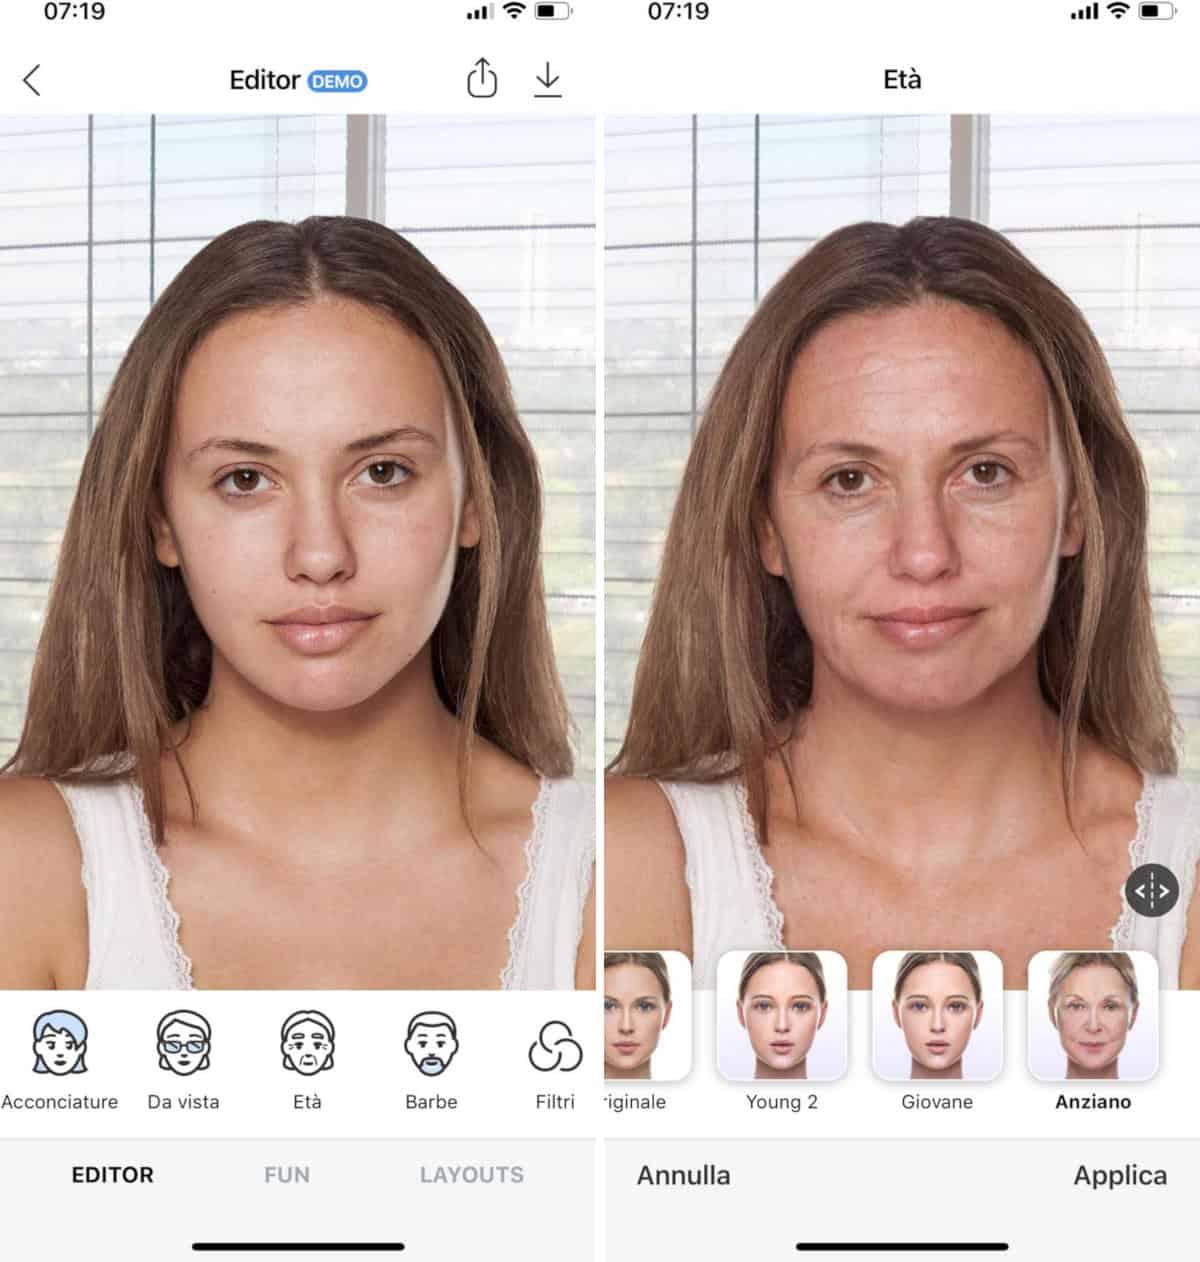 app per invecchiare foto FaceApp iOS